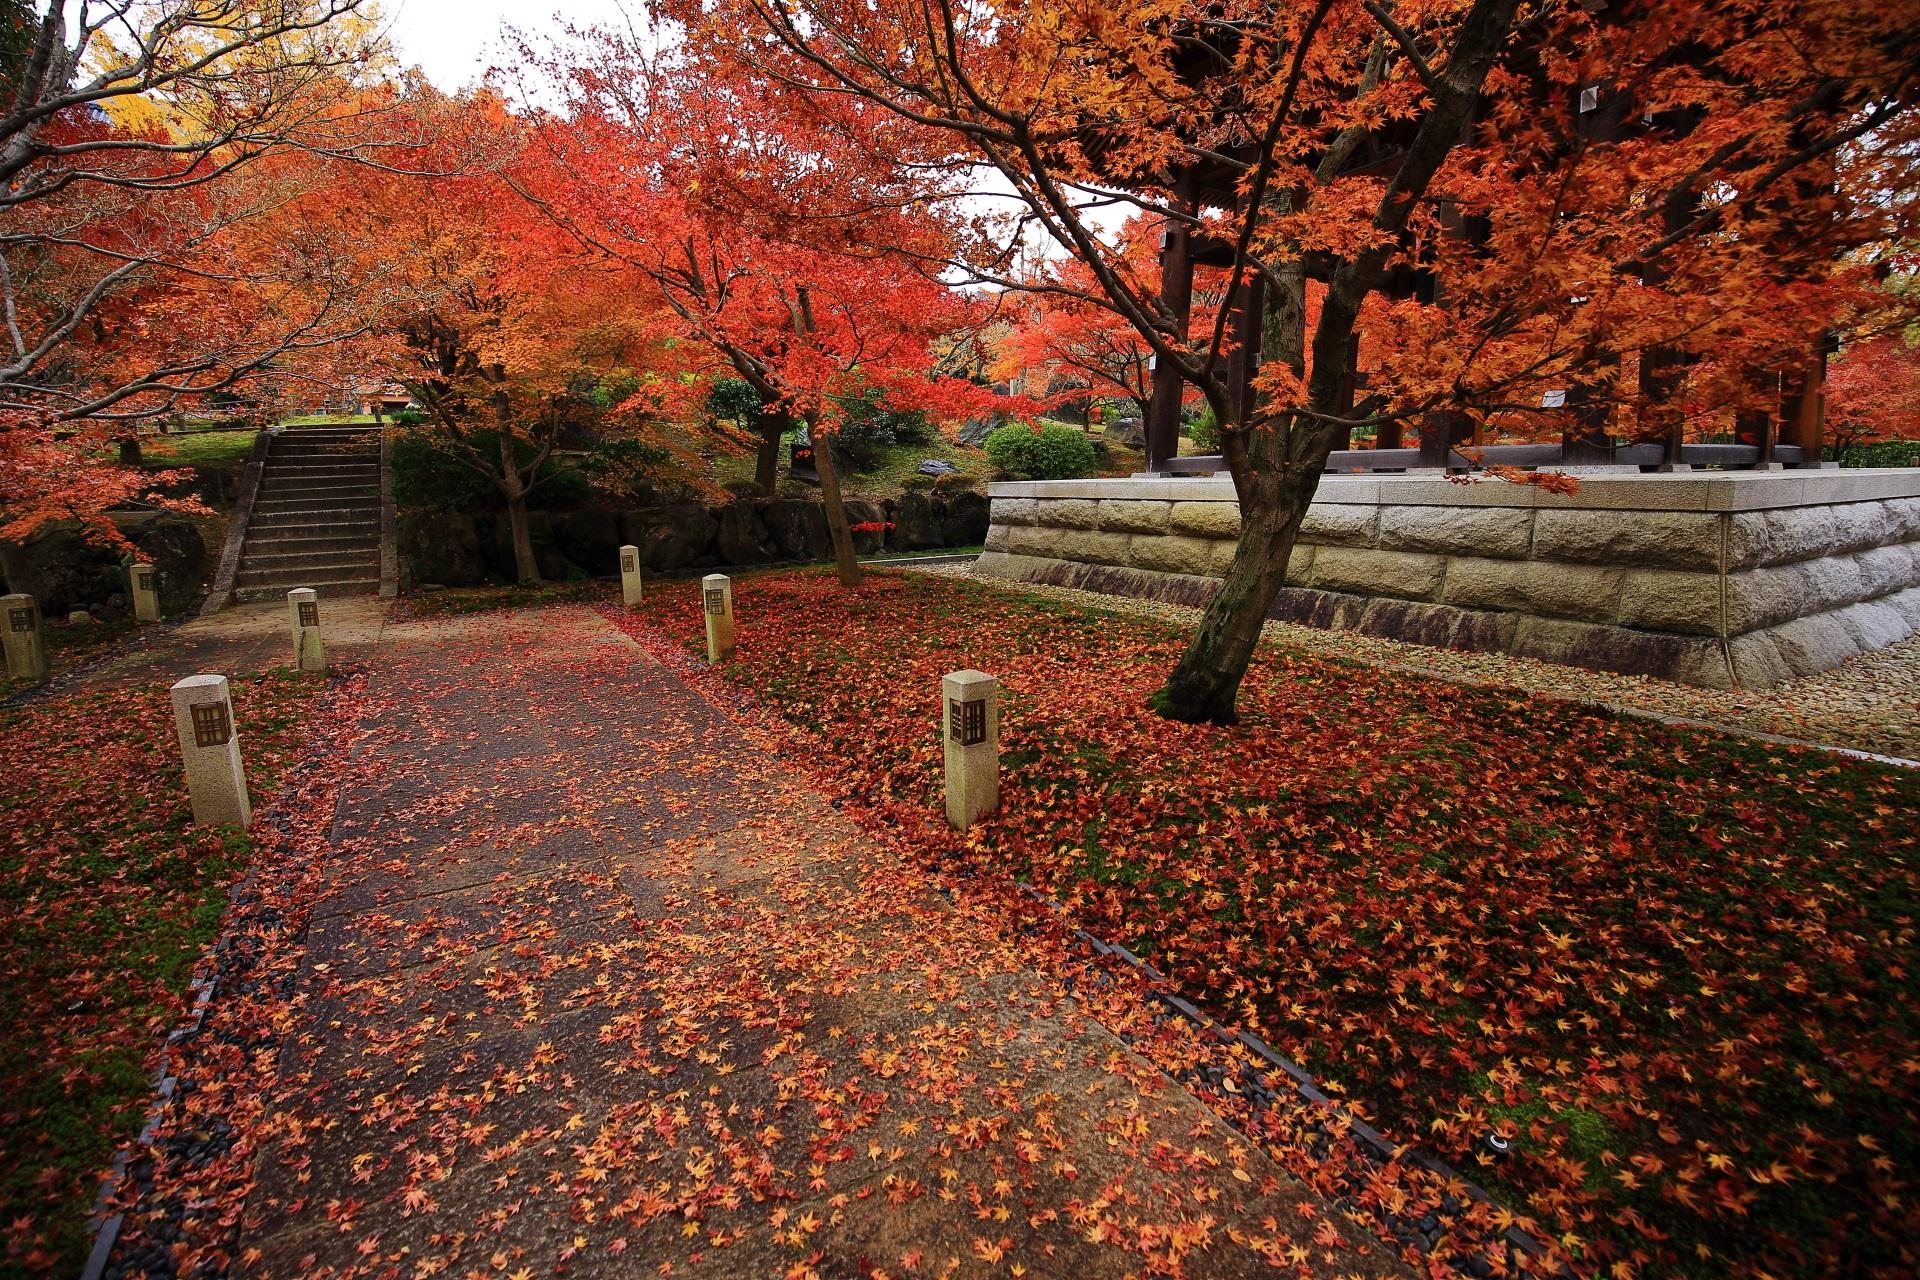 紅葉と散りもみじが作る見事な秋色の空間